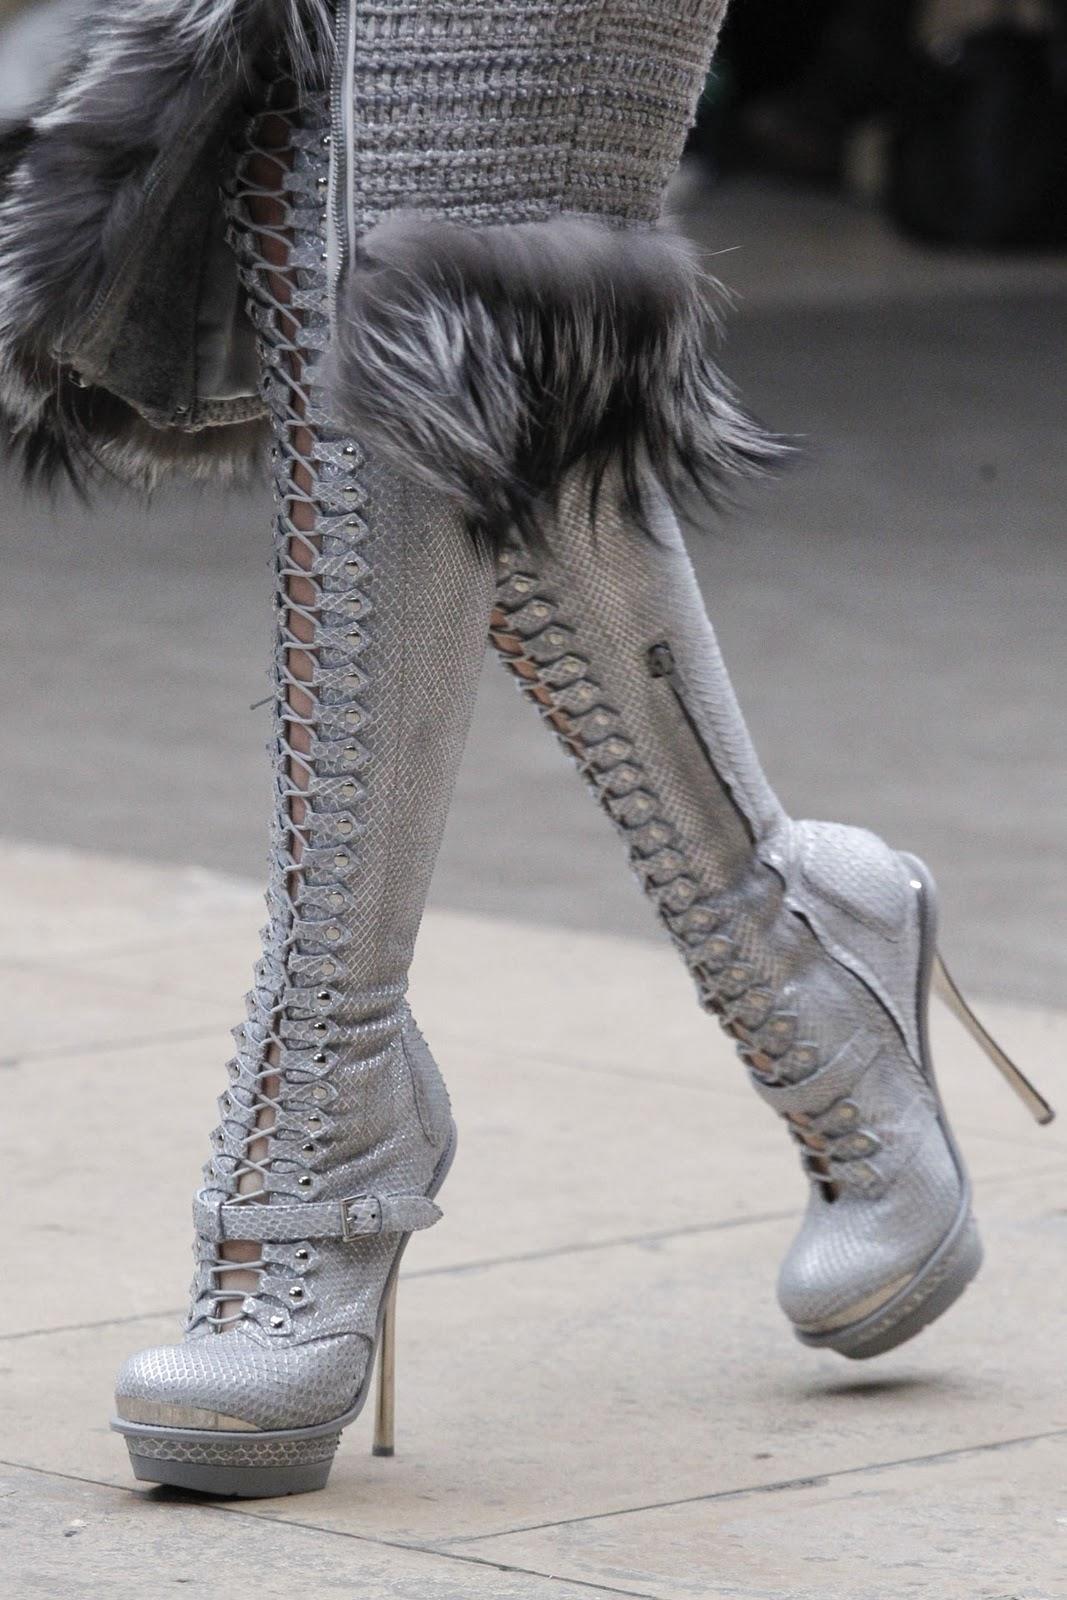 Shoes : Alexander McQueen fw 2012 Runway Show